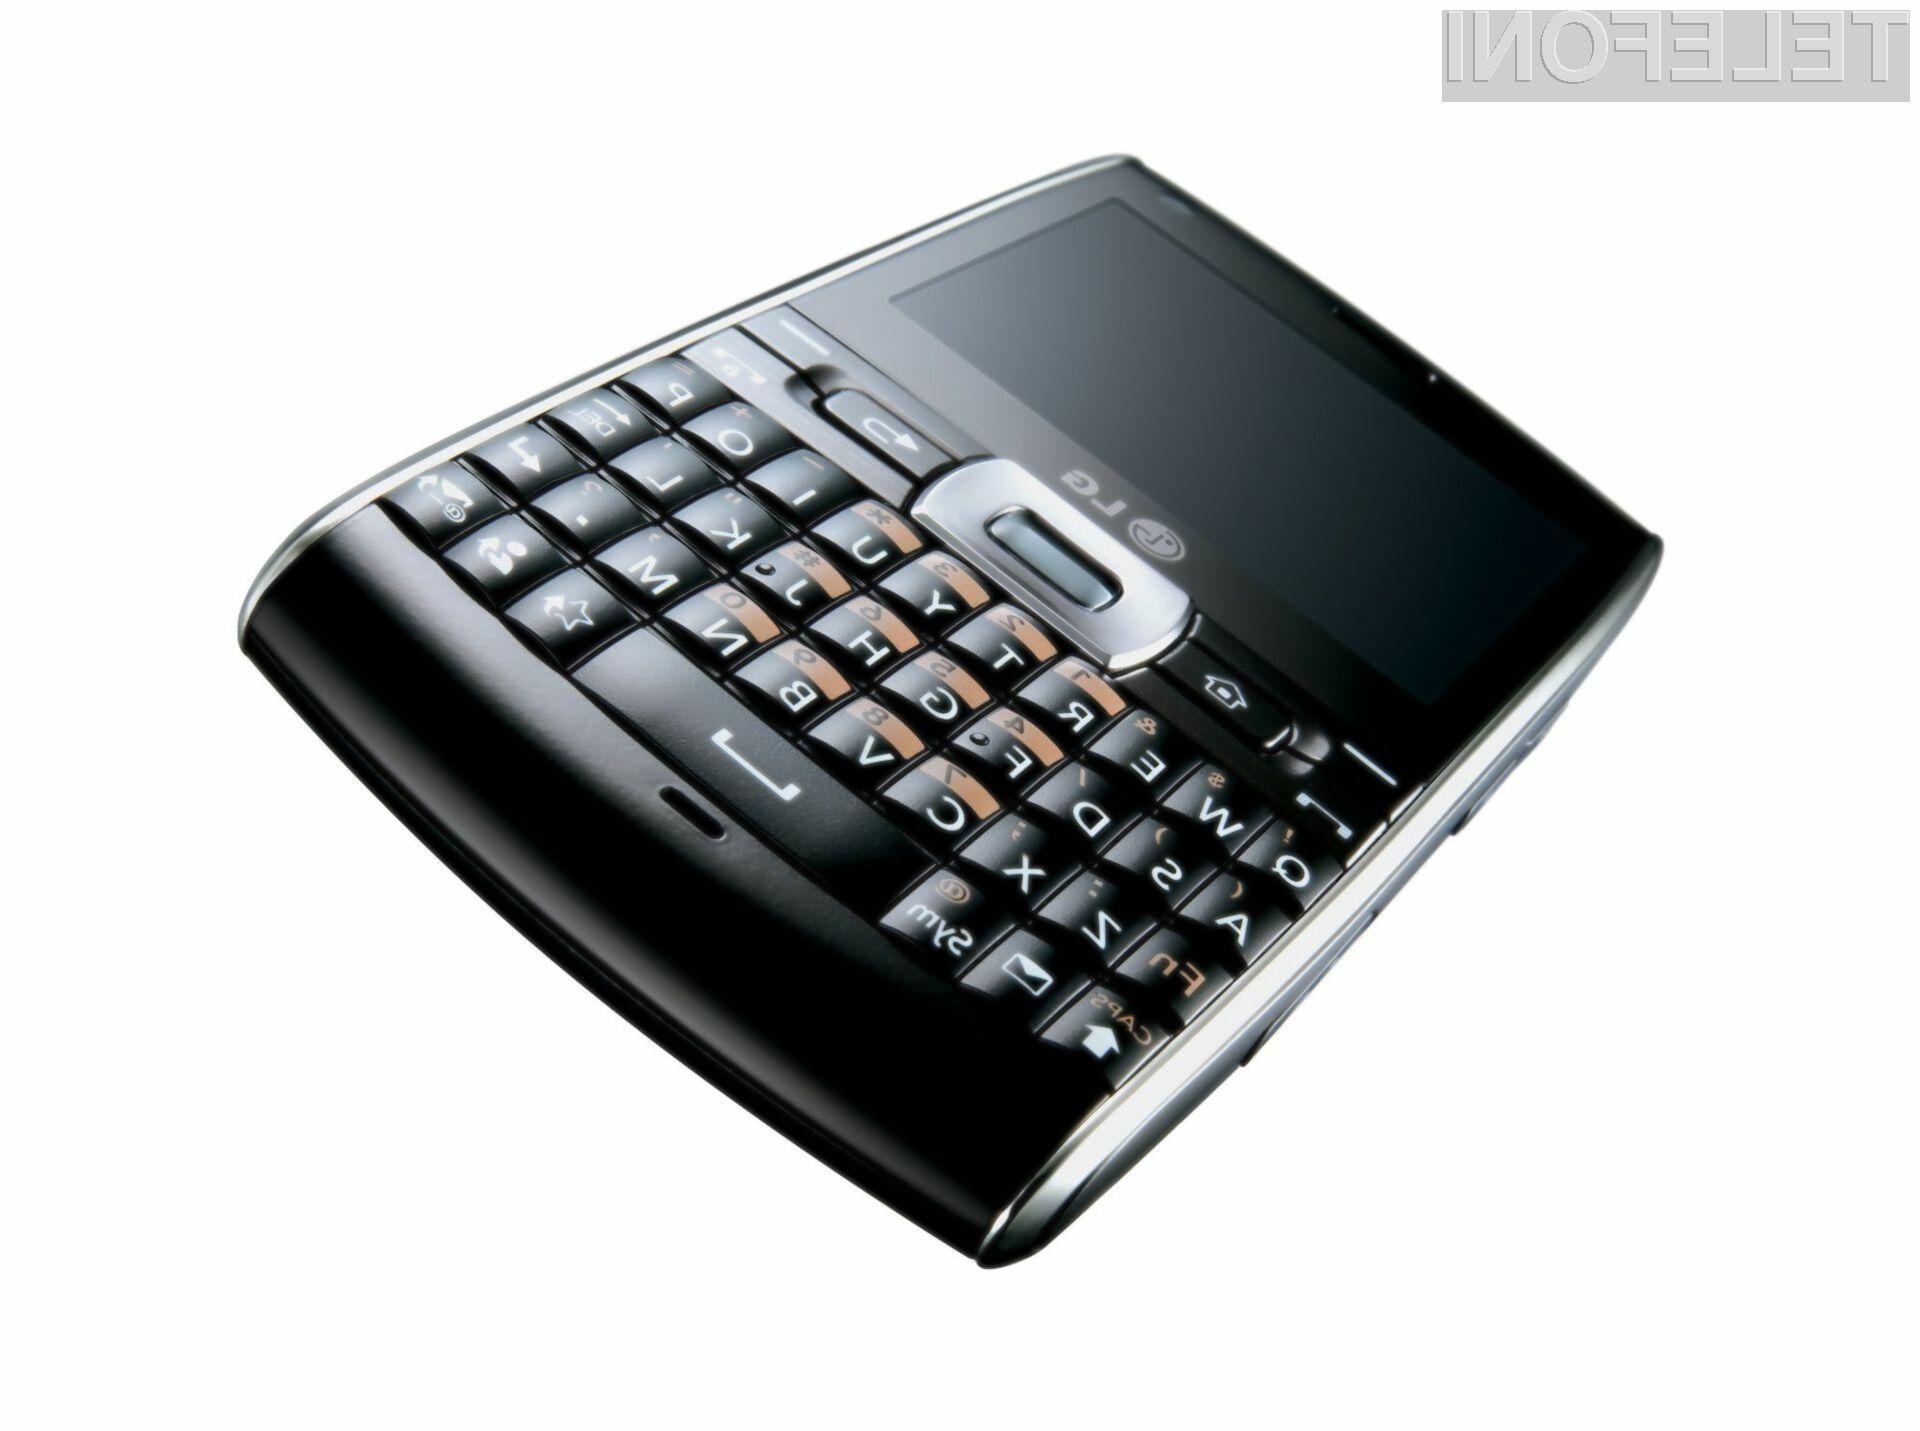 LG GW550: LG pripravlja produktno ofenzivo, temelječo na Microsoftovi platformi.